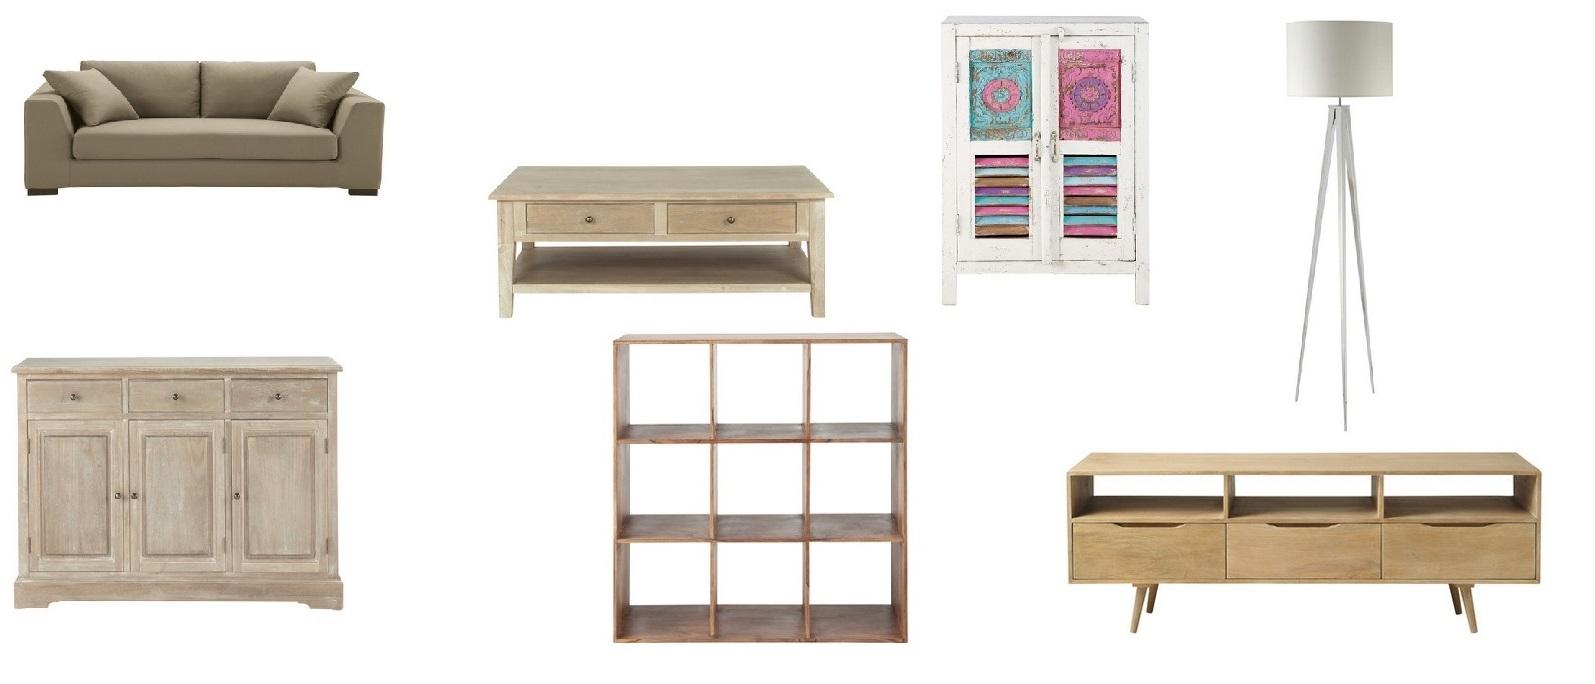 passer d un appartement basique un petit cocon dealeuses de fleurs. Black Bedroom Furniture Sets. Home Design Ideas